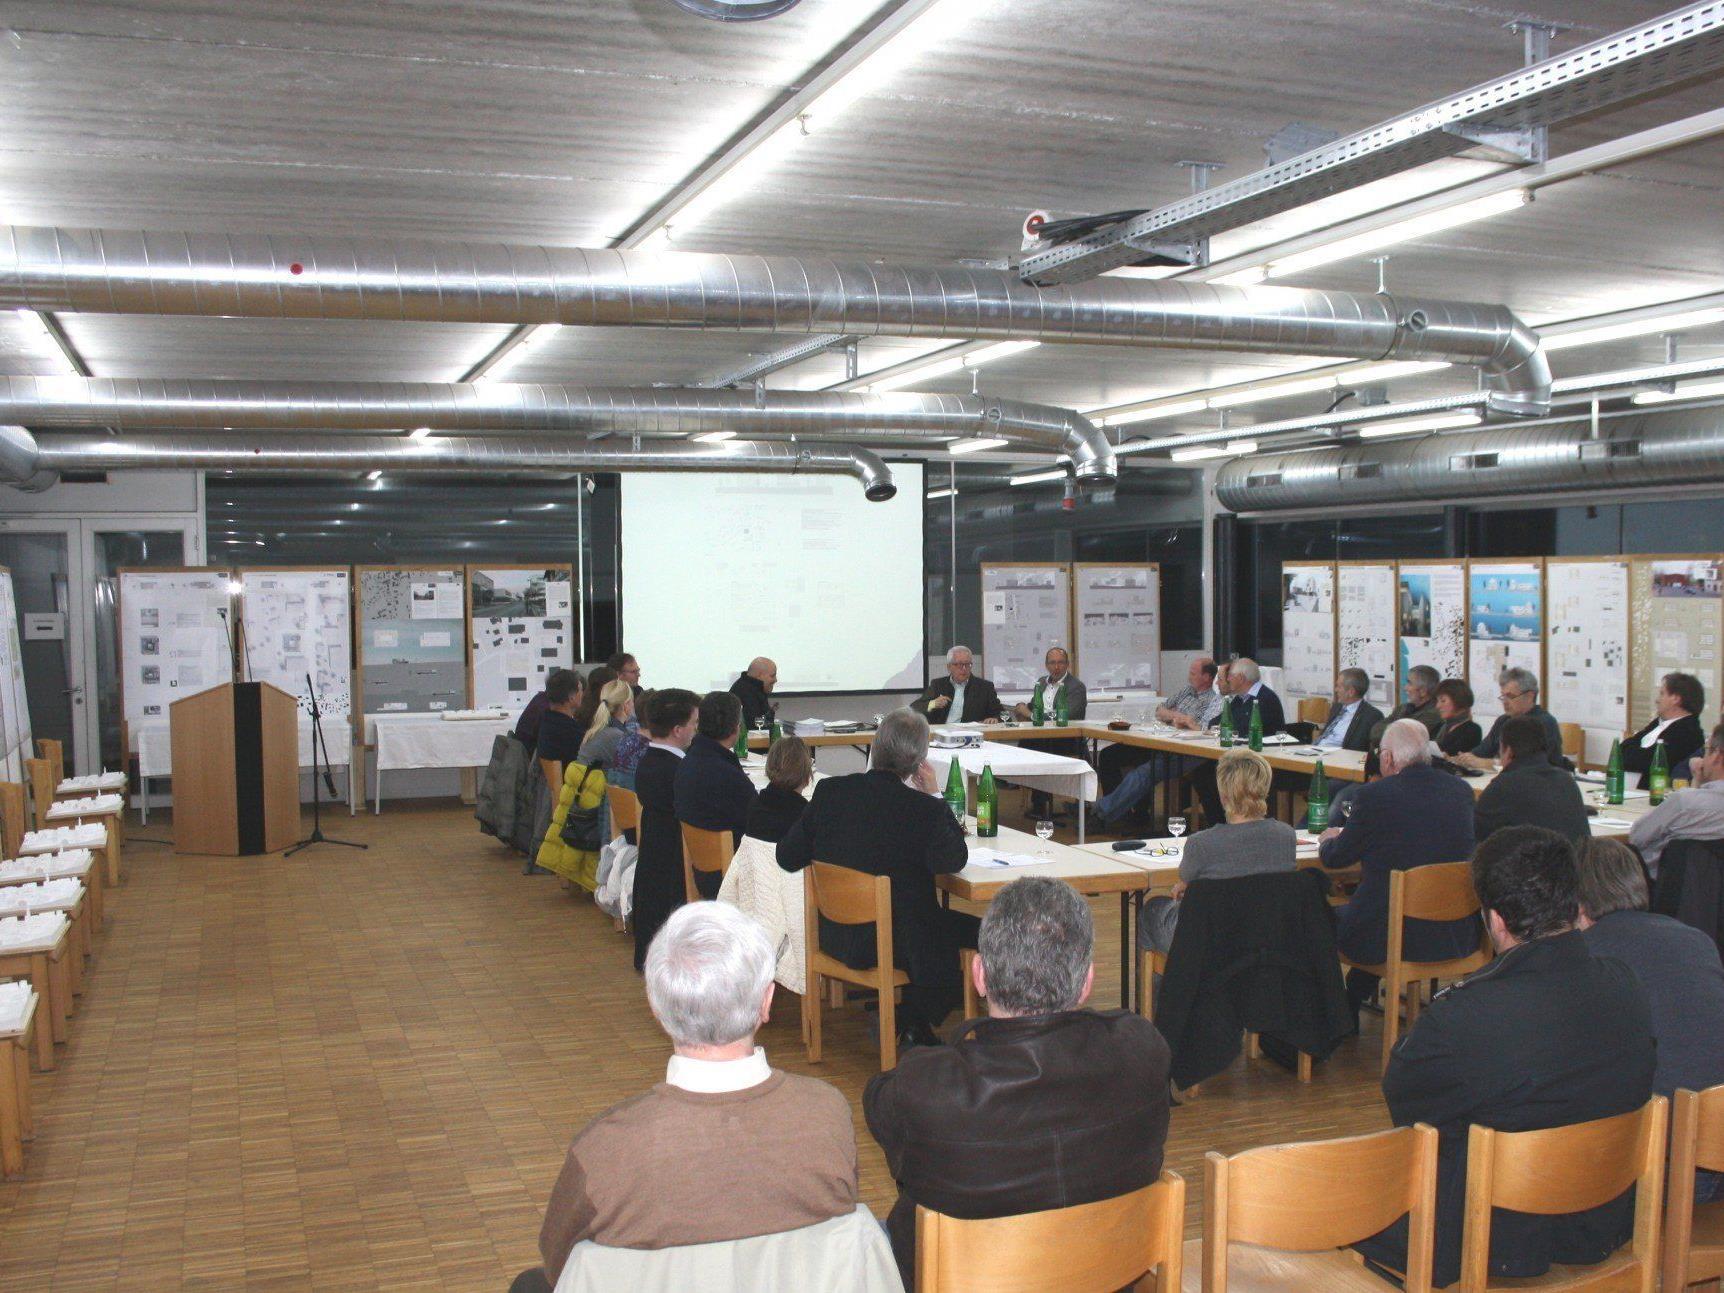 Sitzungen der Gemeindevertretung sind öffentlich, Zuhörer sind willkommen.